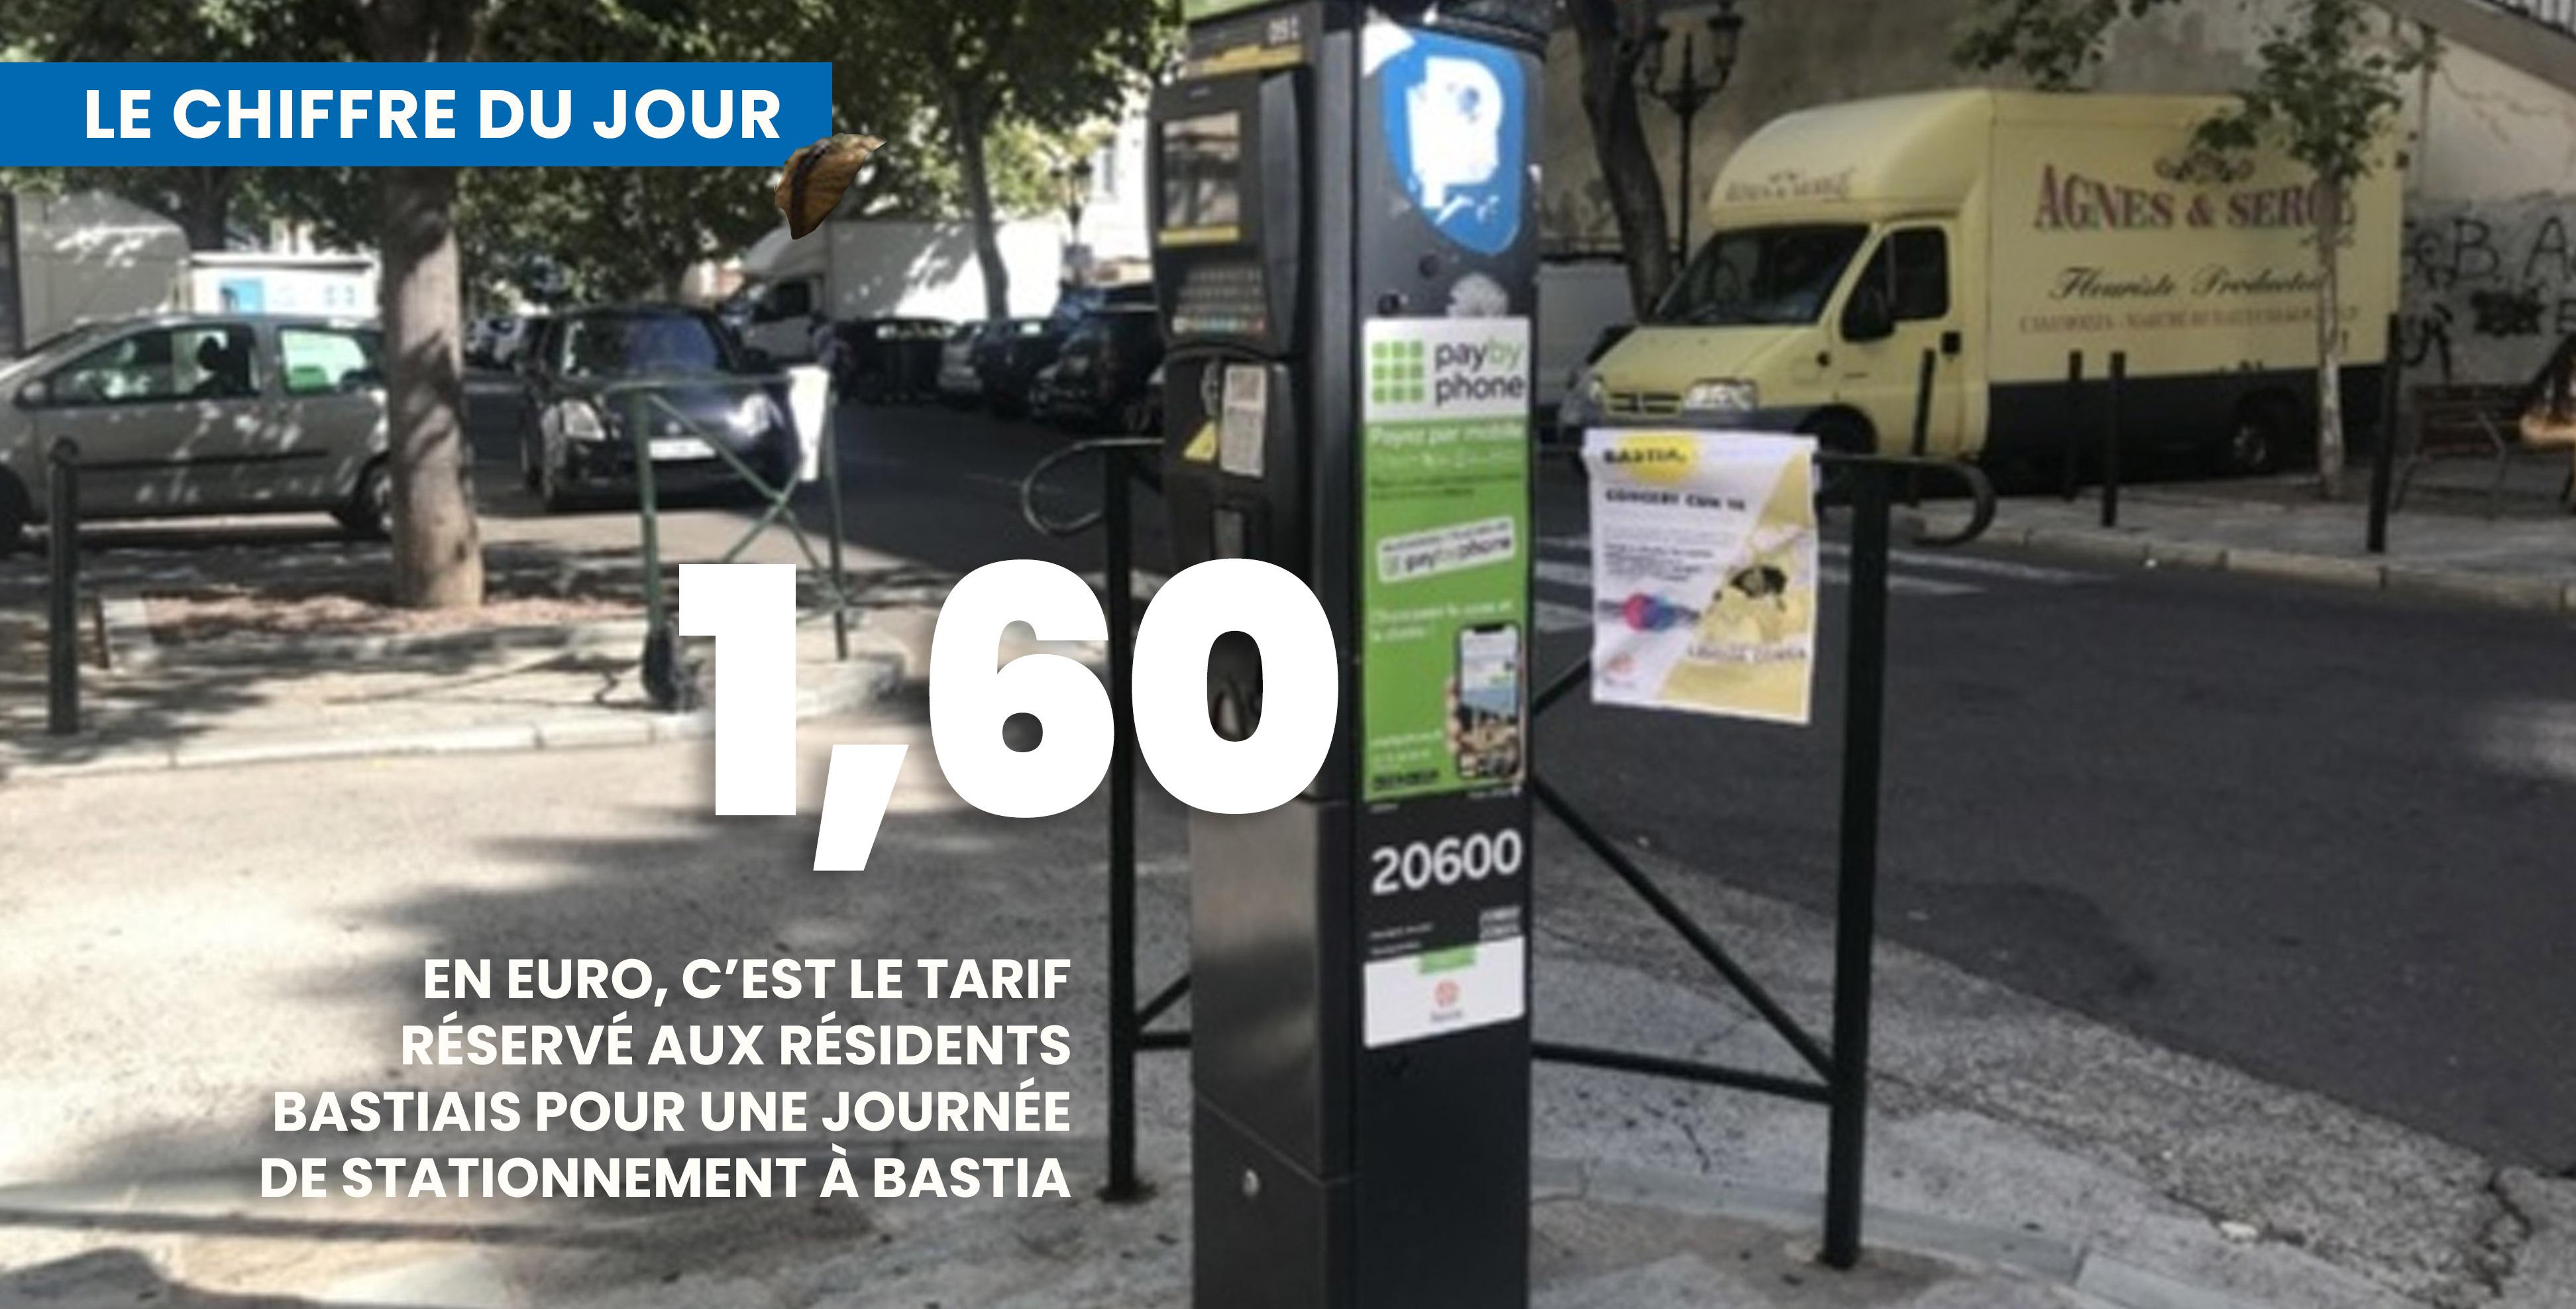 Le chiffre du jour : 1,60 €